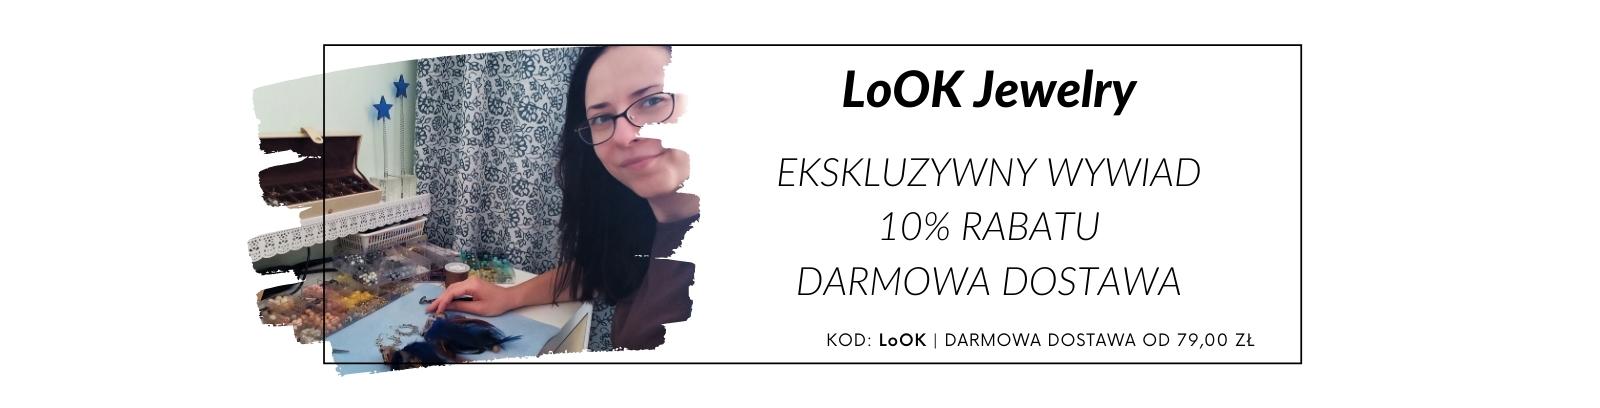 LoOK Jewelry - wywiad, promocja i darmowa dostawa!